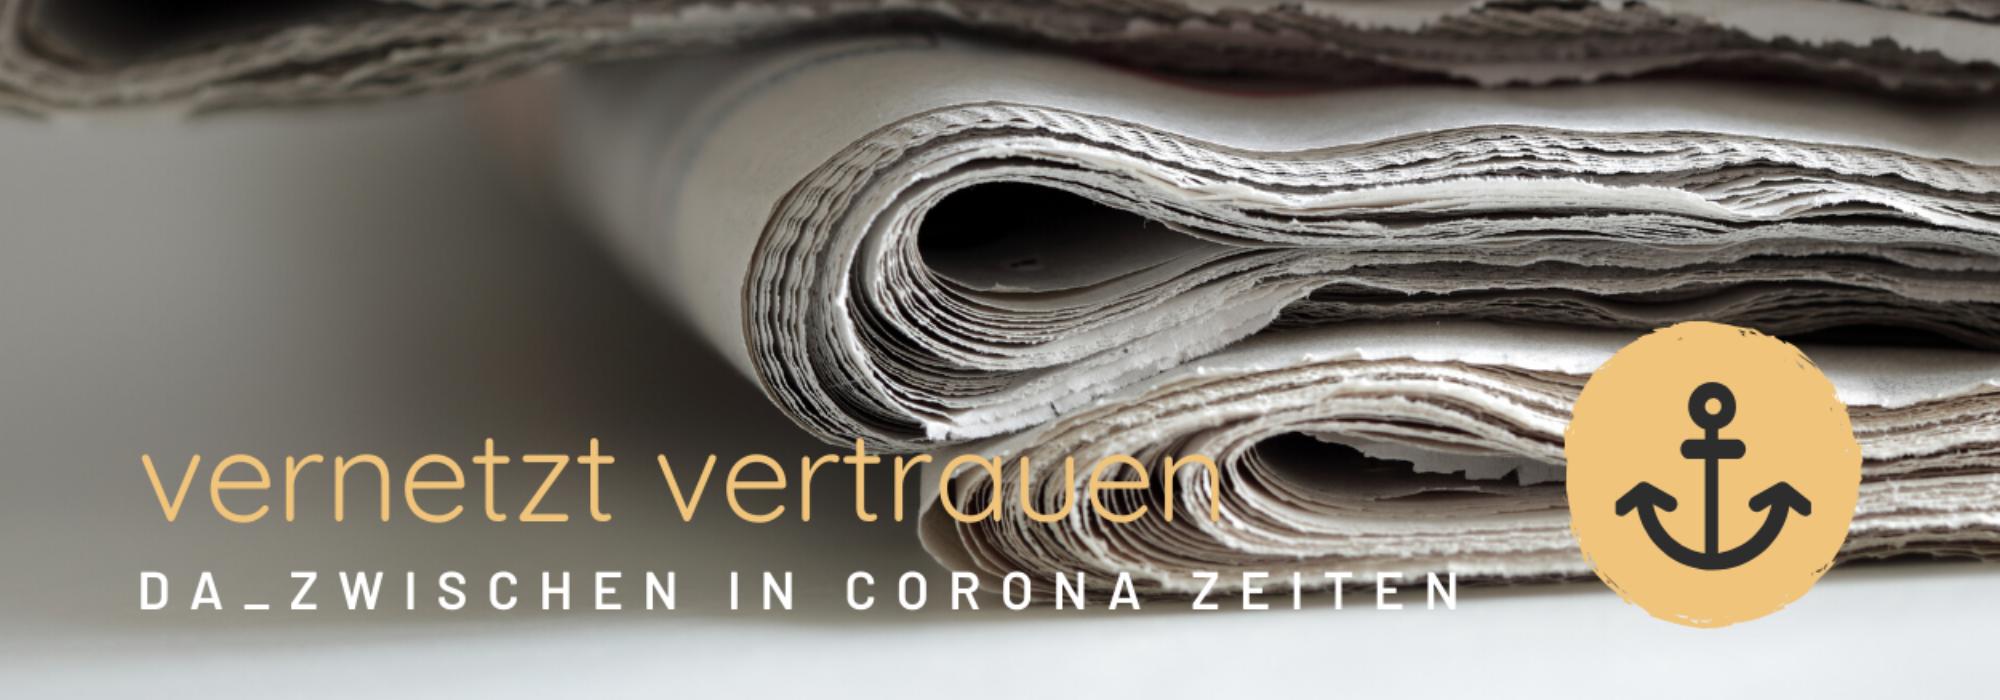 2.4.header - Kleine und große Schlagzeilen.